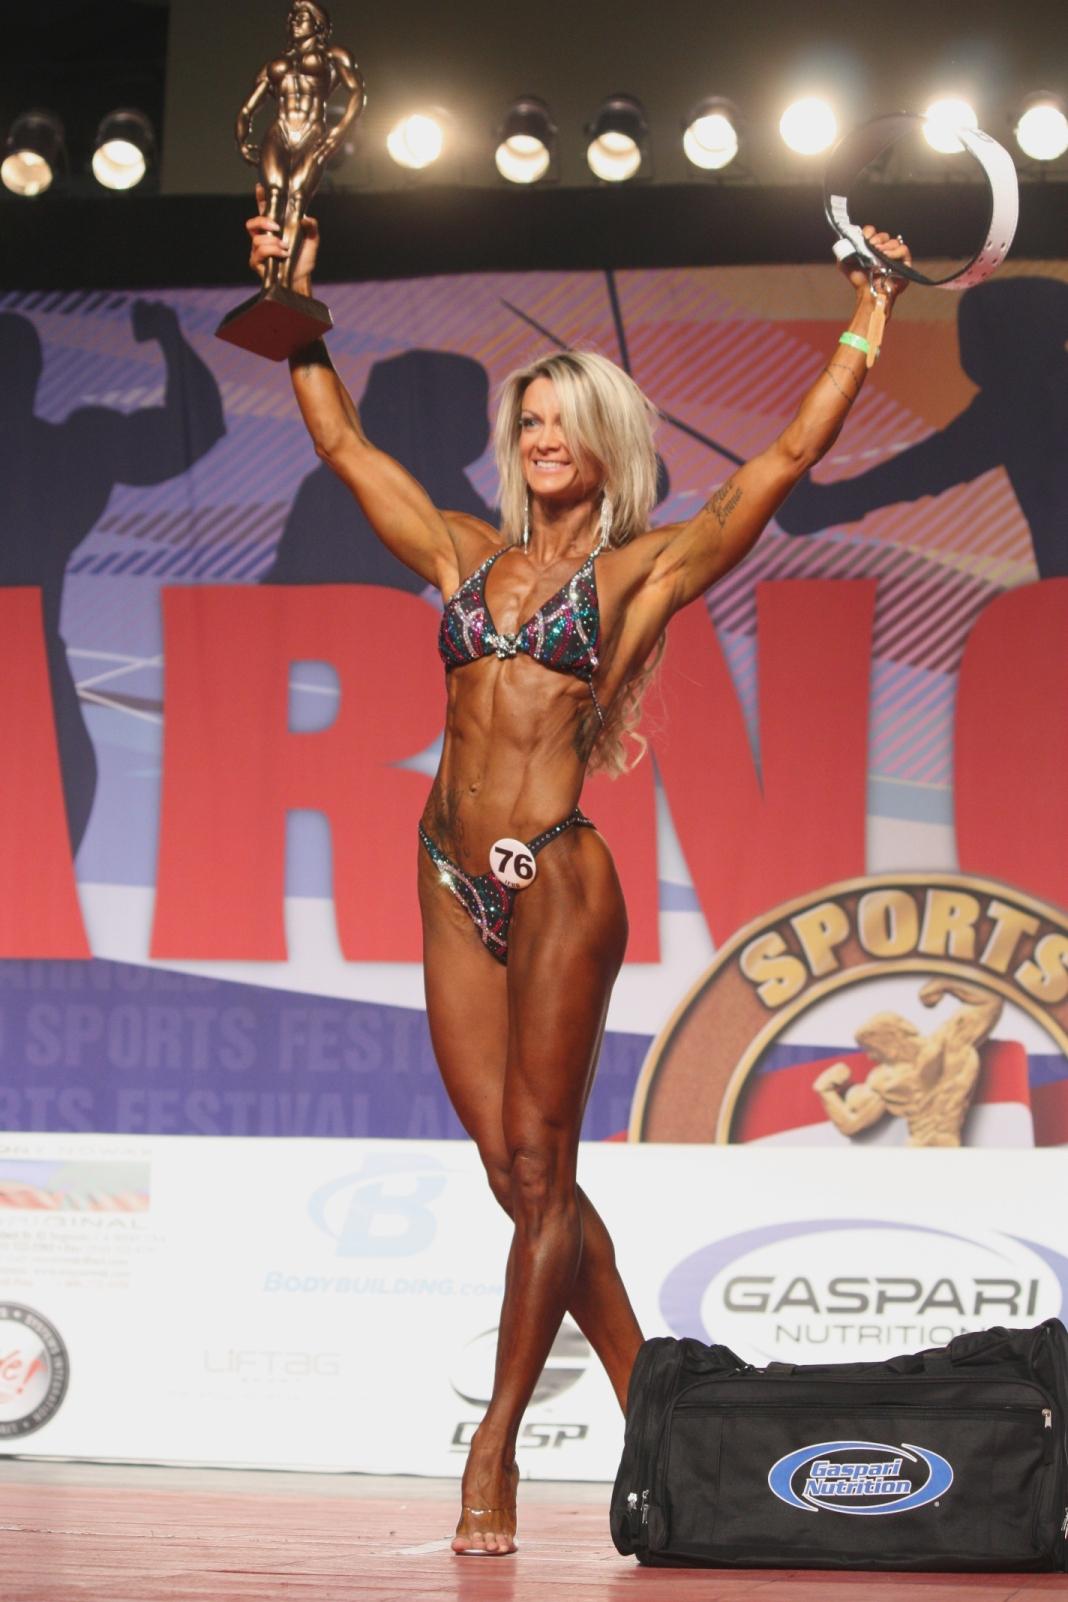 Fitness – Giorgia Foroni of Italy (76)